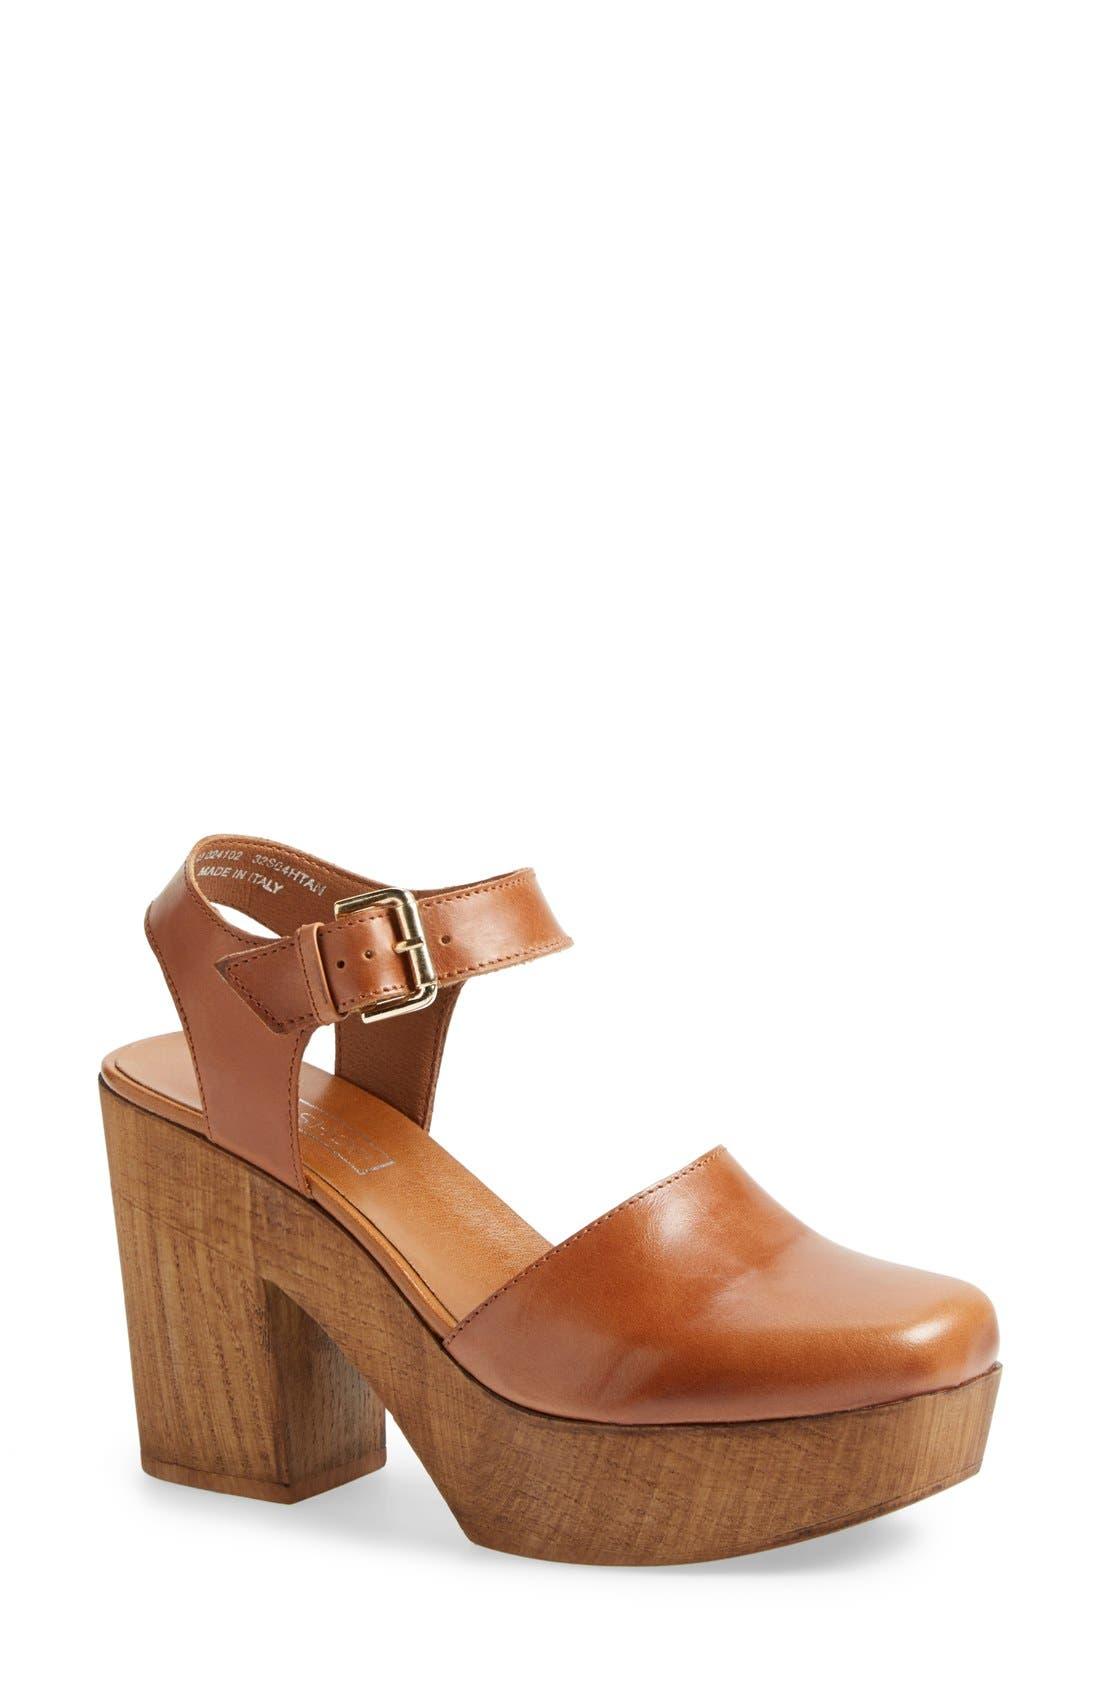 Alternate Image 1 Selected - Topshop 'Smile' Wooden Platform Leather Sandal (Women)